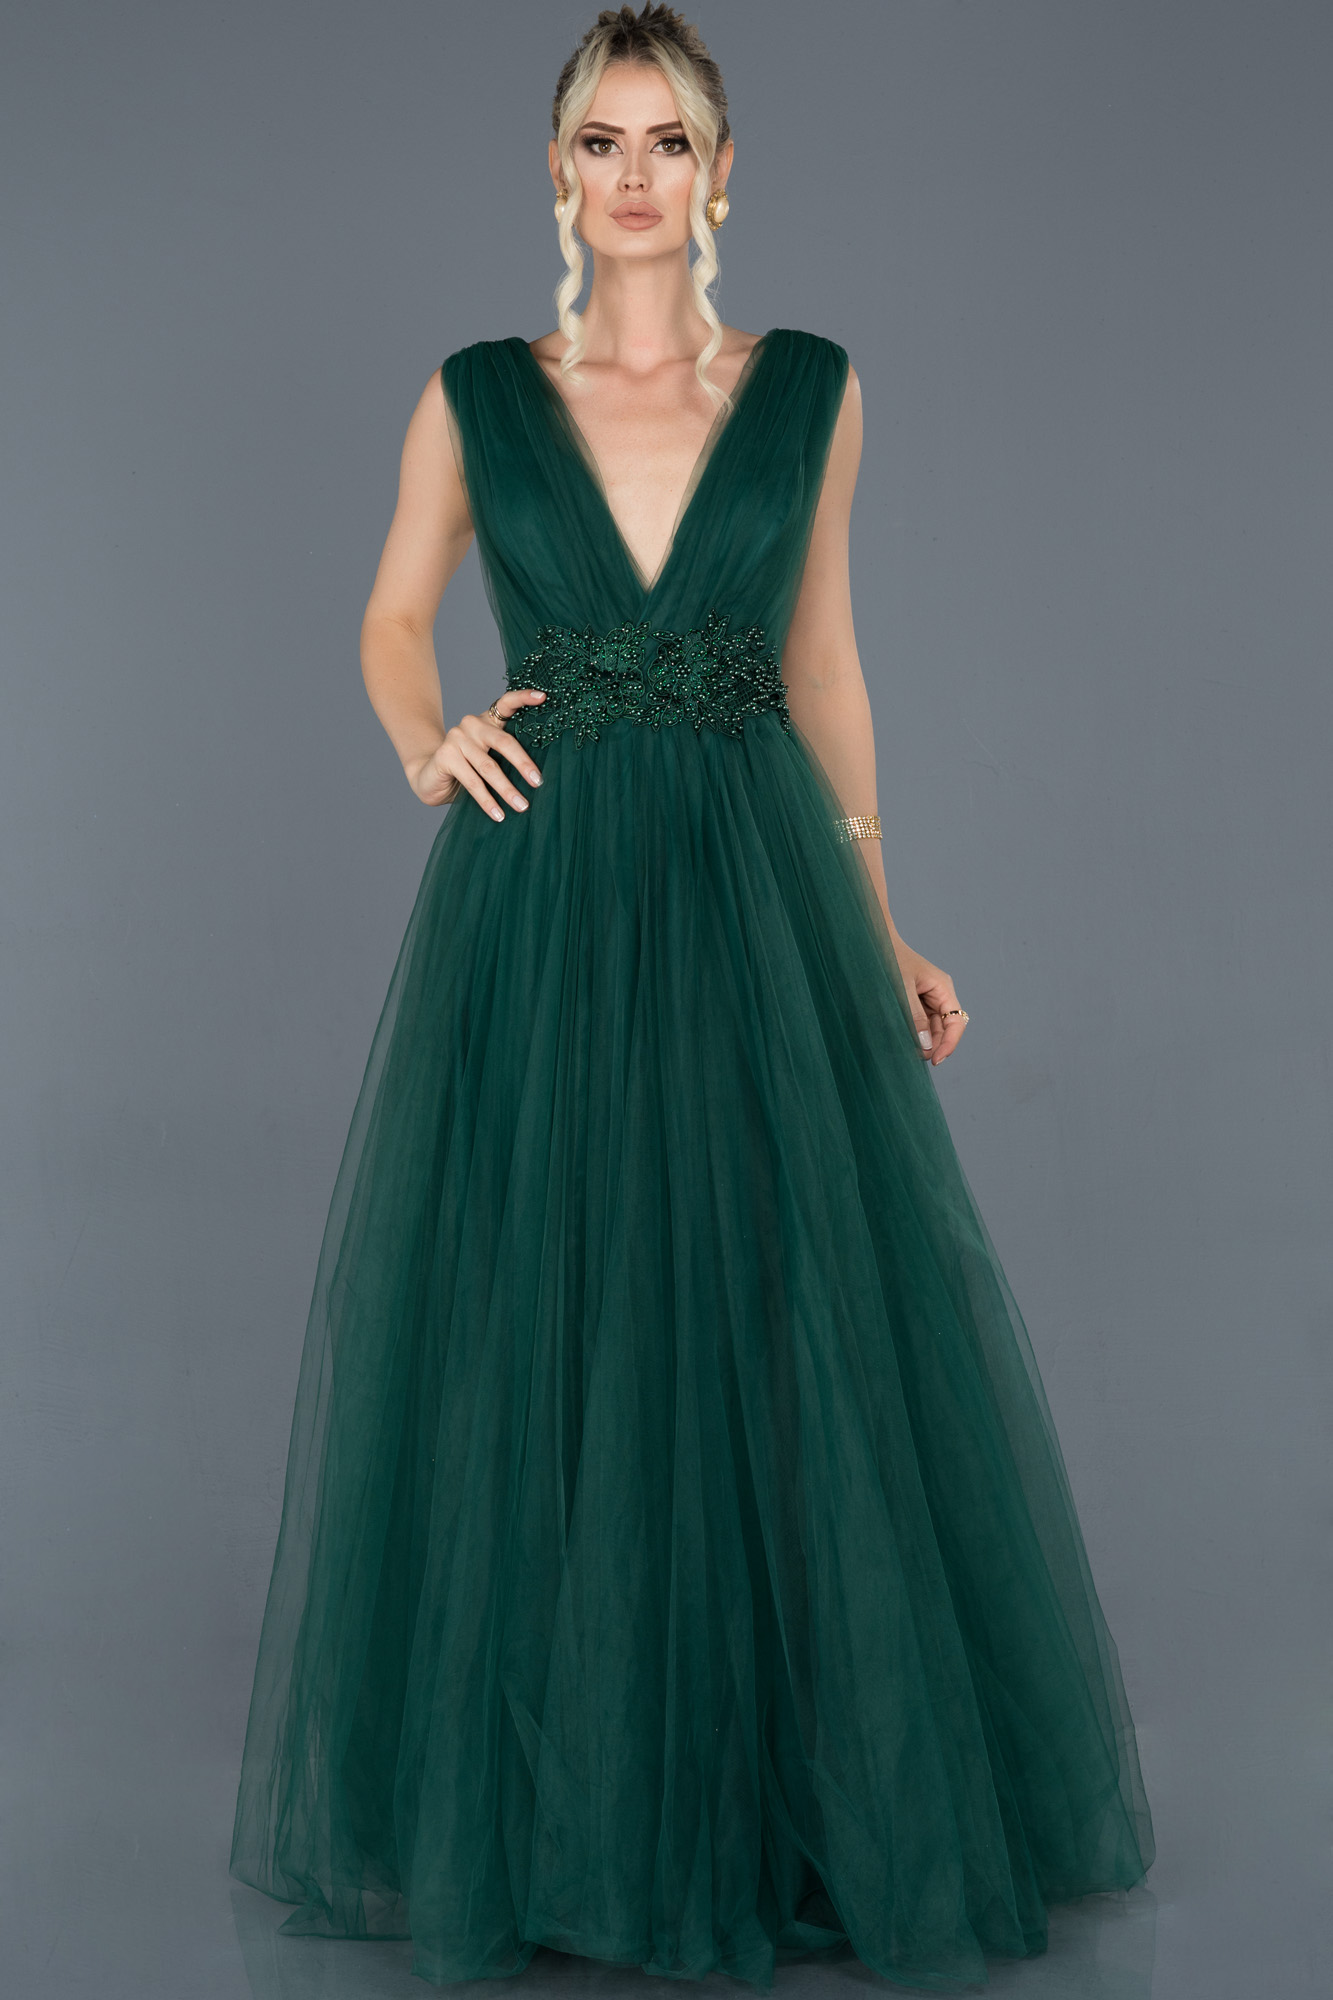 Zümrüt Yeşili Uzun Göğüs Dekolteli Tül Abiye Elbise